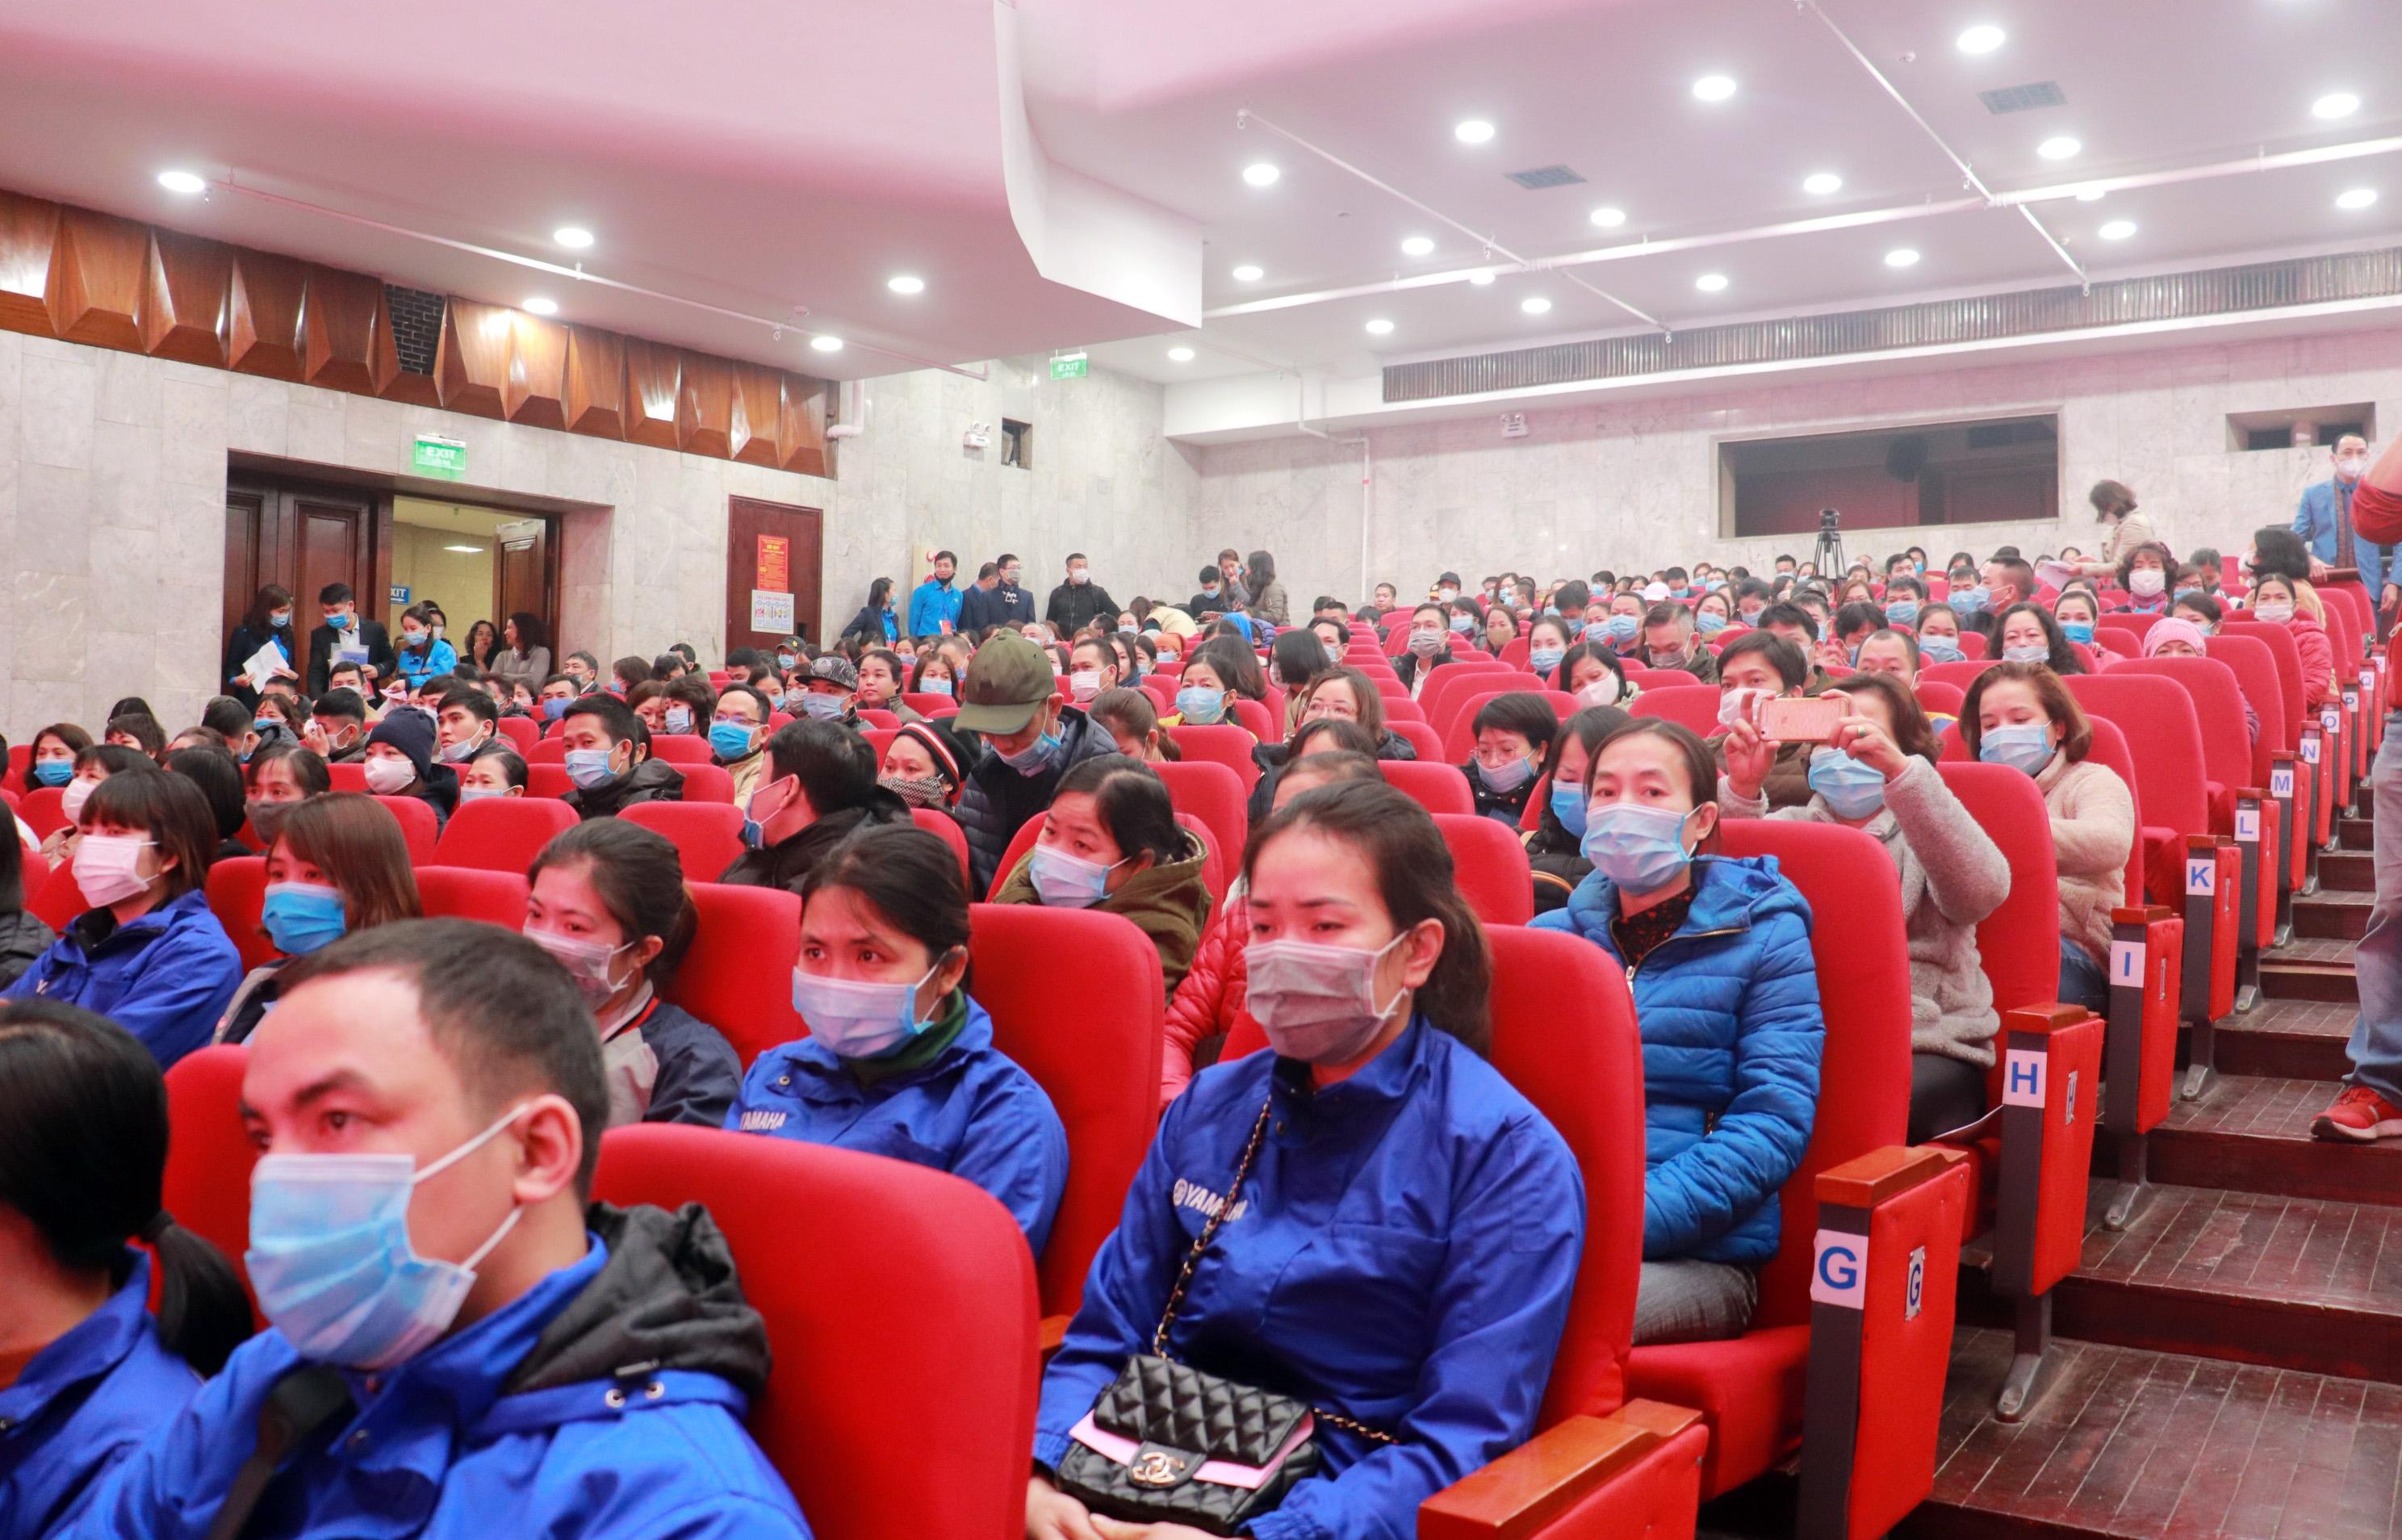 Trực tuyến hình ảnh: Ấm áp nghĩa tình Tết sum vầy của công nhân lao động Thủ đô